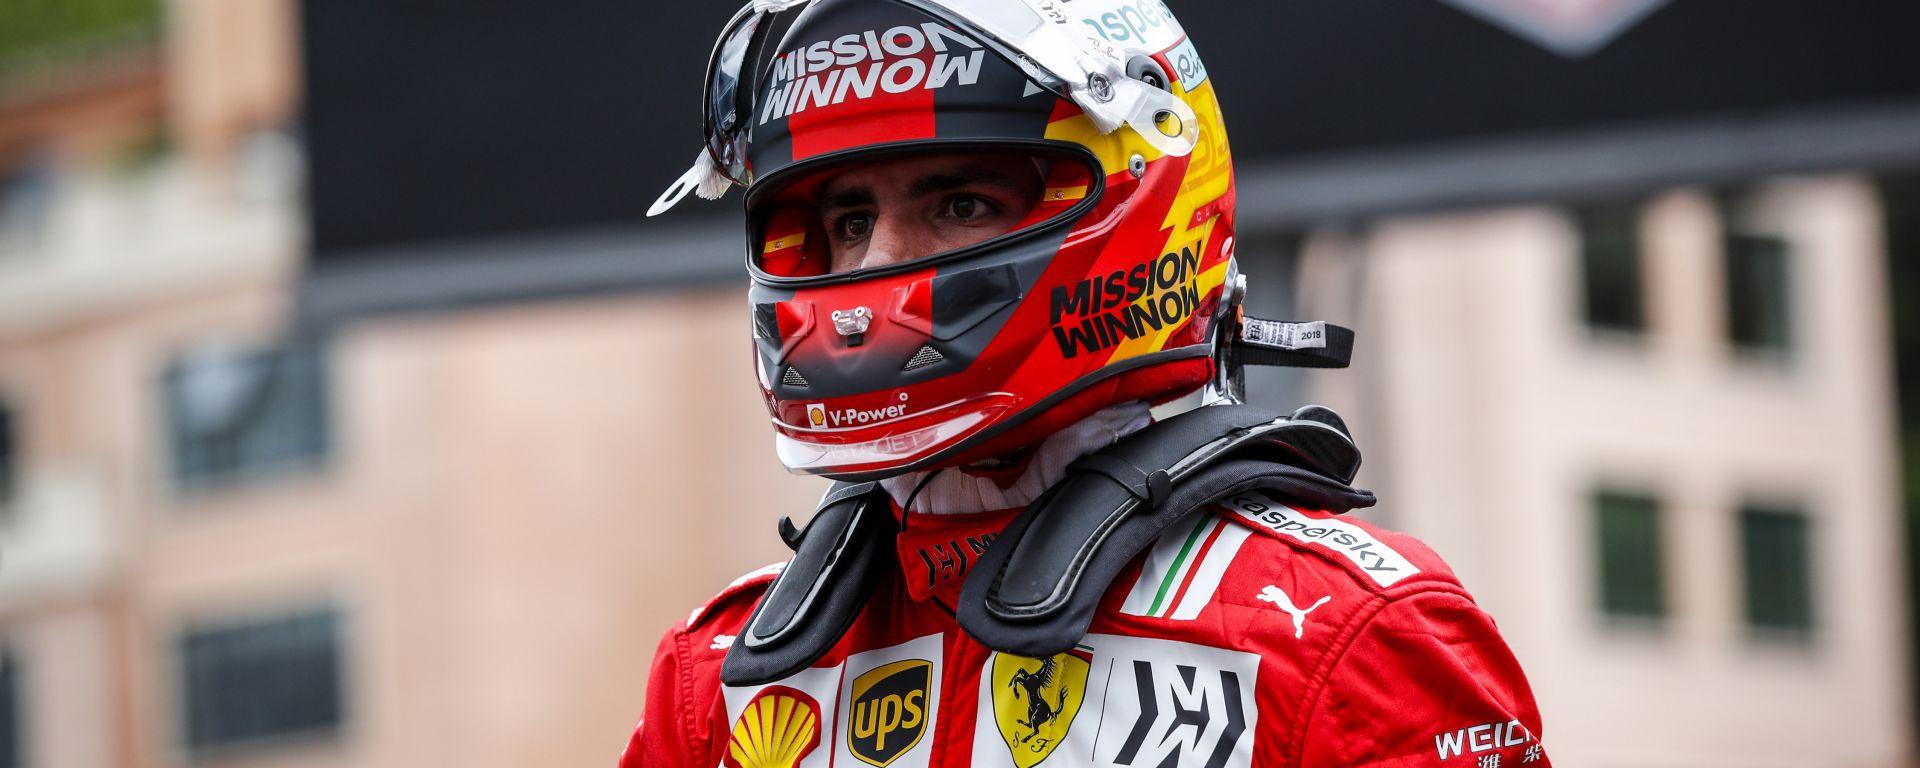 F1, GP Monaco 2021: Carlos Sainz al termine delle qualifiche